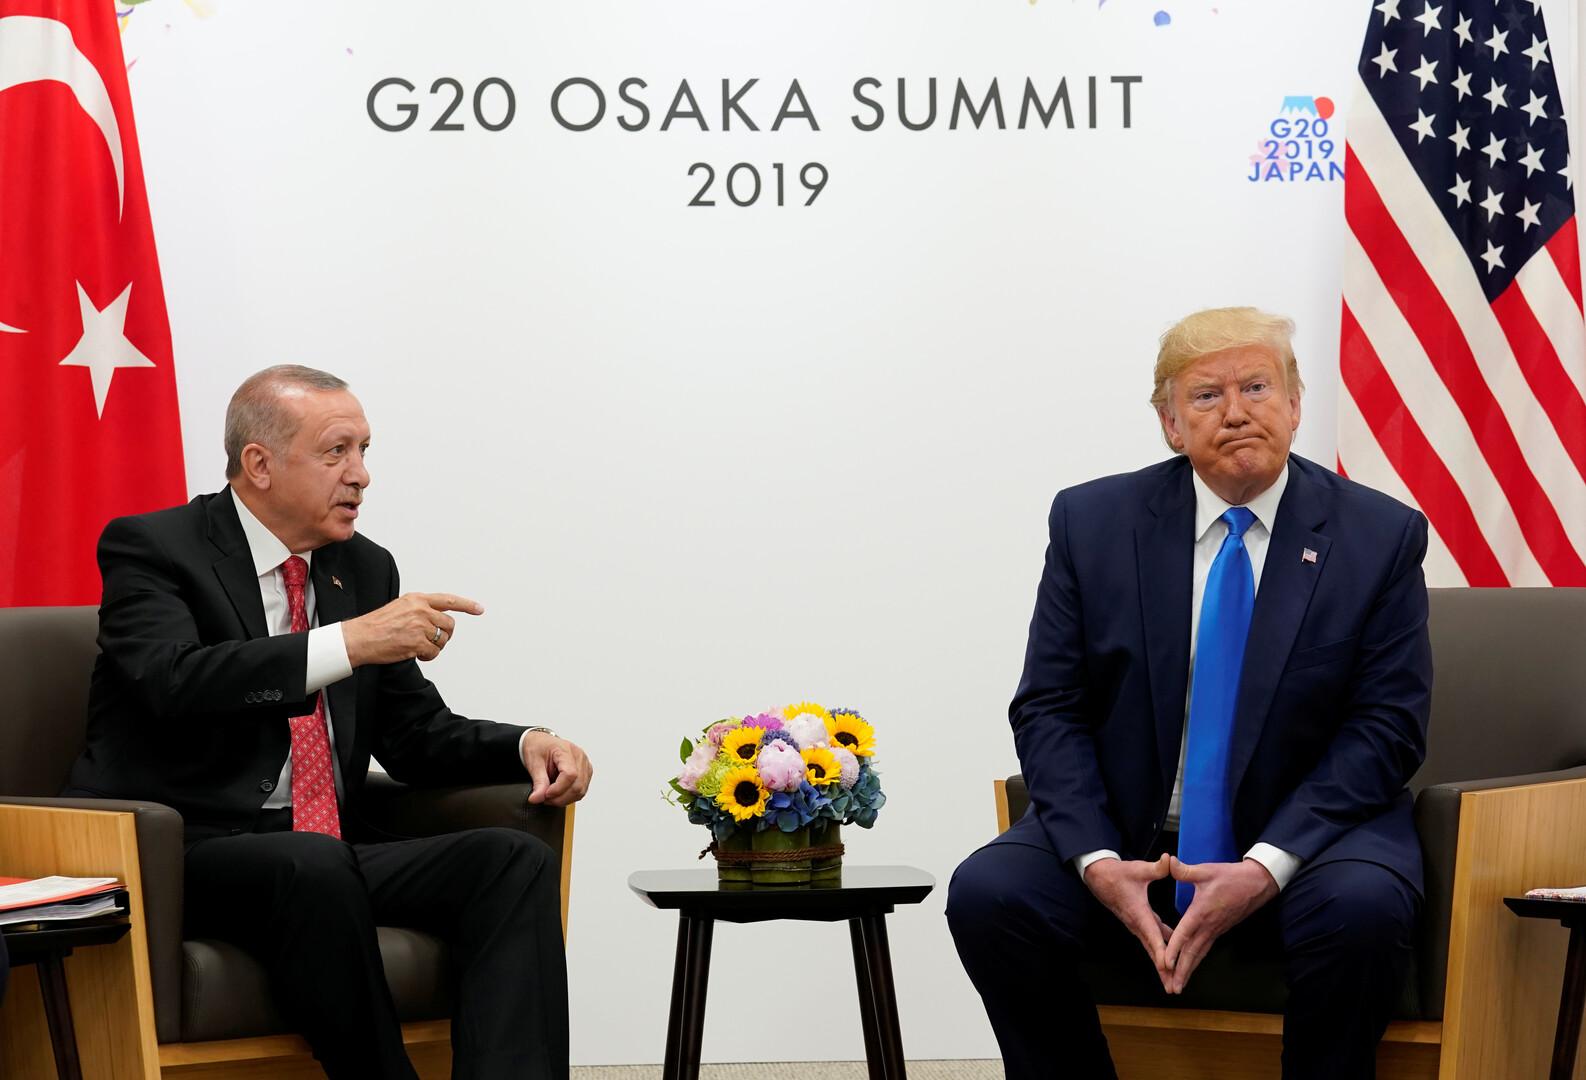 أردوغان يؤكد لترامب ضرورة أن تقضي